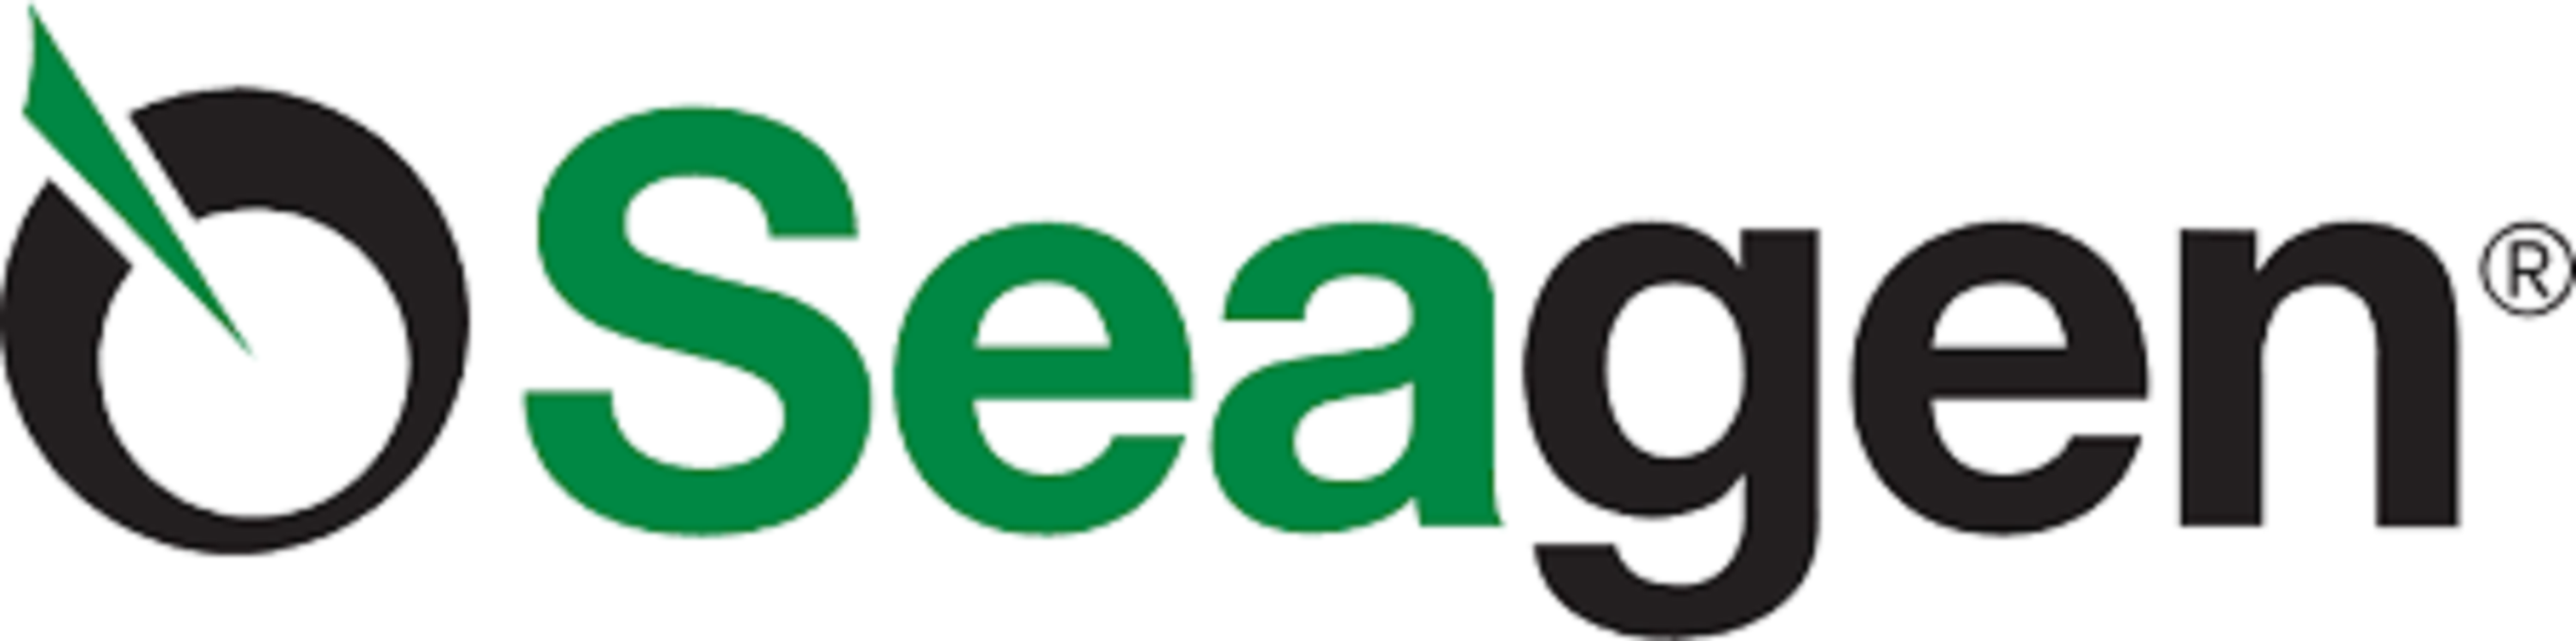 SGEN logo